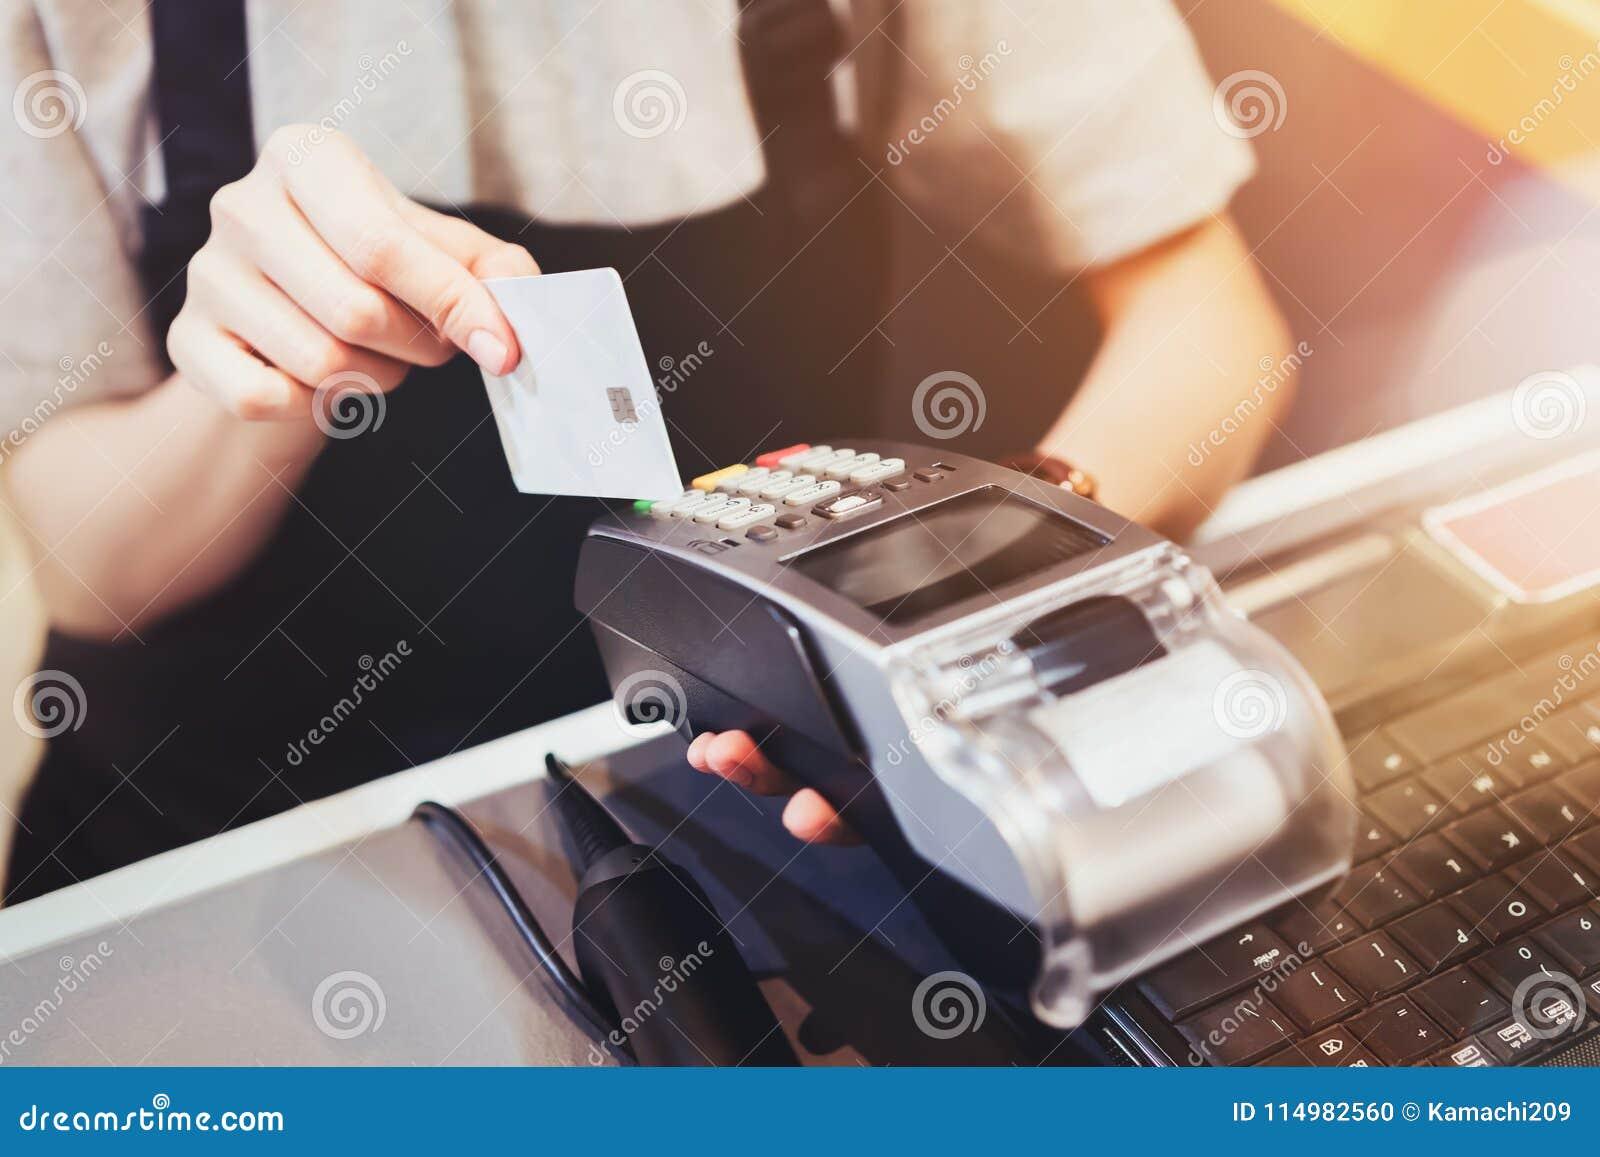 技术的概念在买的没有使用现金 关闭手用途猛击机器的信用卡支付